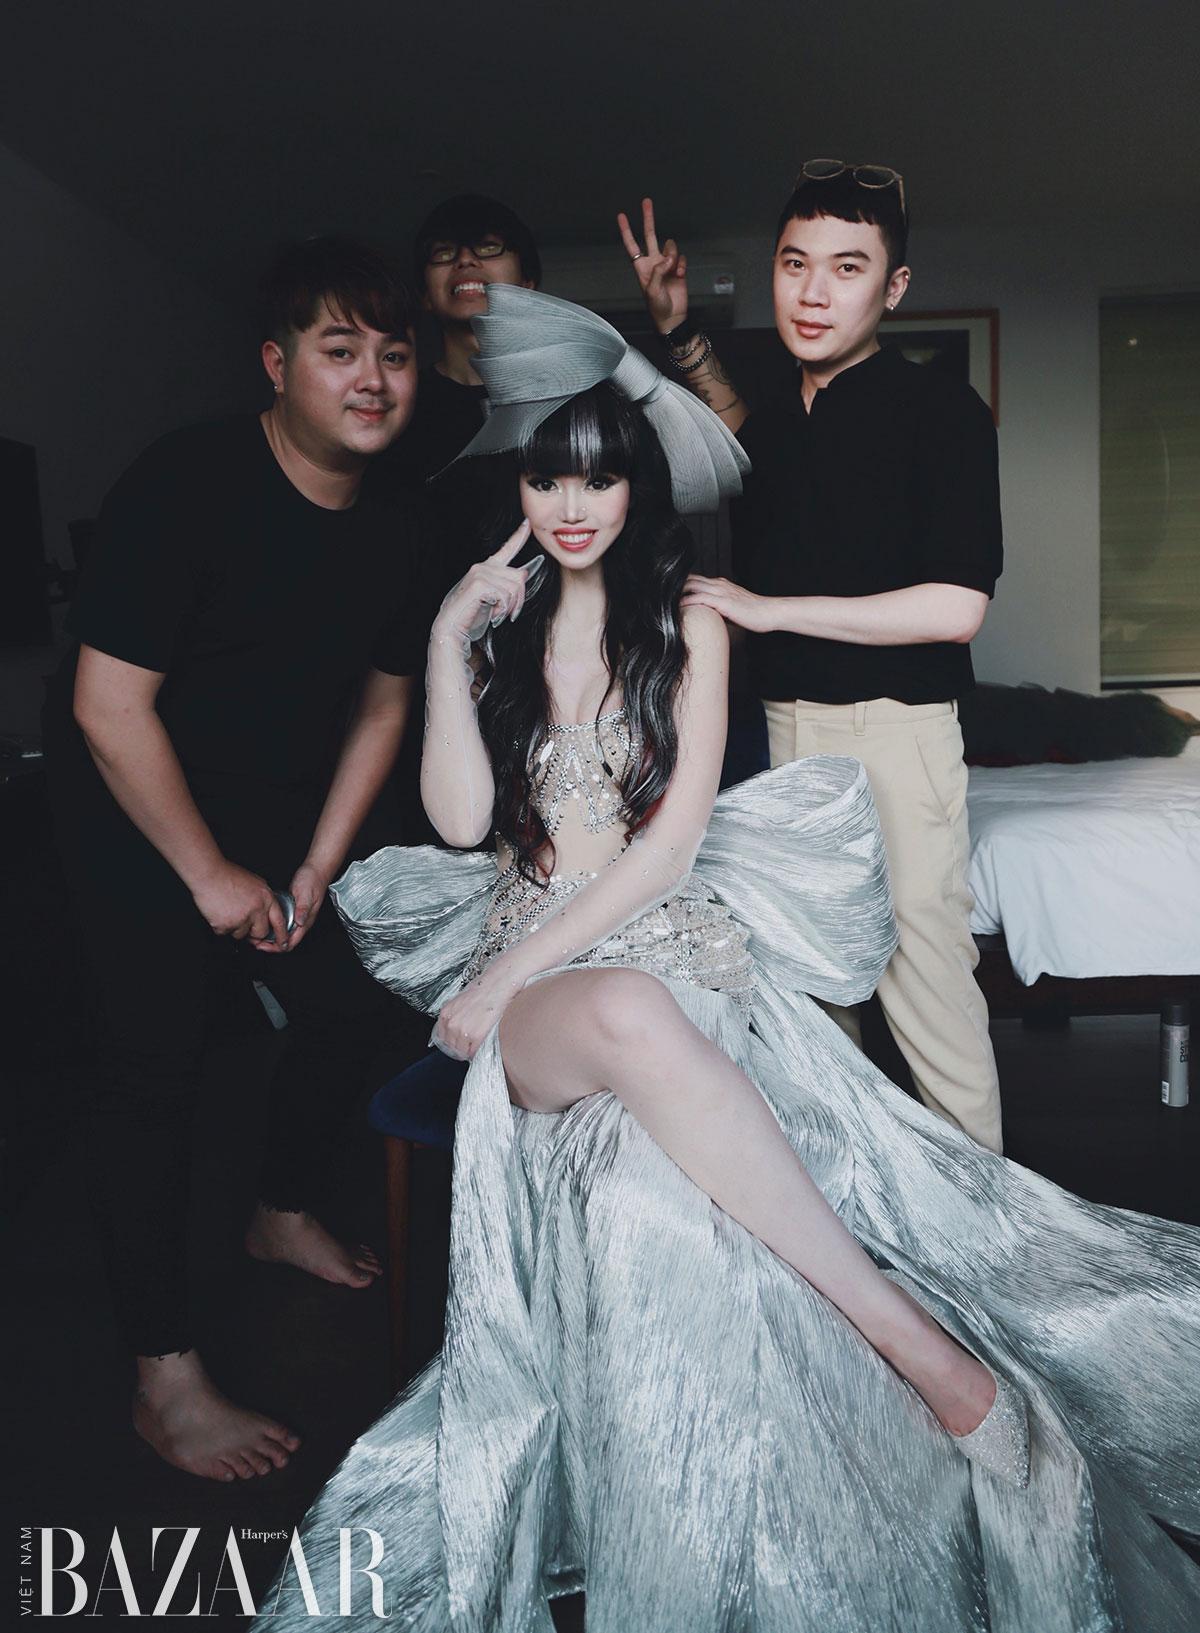 Jessica Minh Anh chơi nổi với mái tóc búp bê highlight bạc tại tiệc Harper's Bazaar